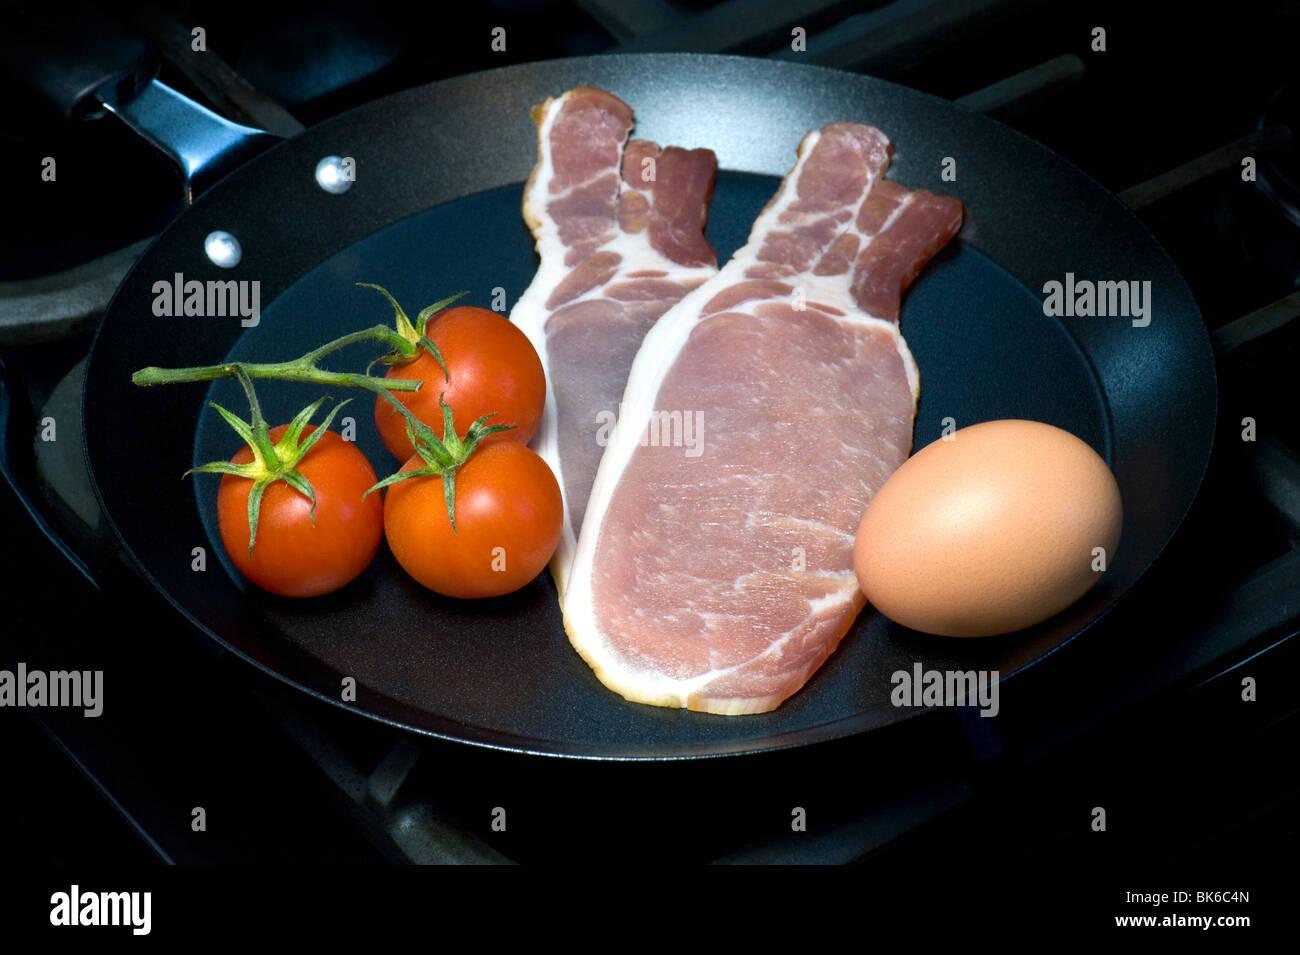 Oeufs, bacon et tomates, les ingrédients pour un petit-déjeuner anglais traditionnel Photo Stock